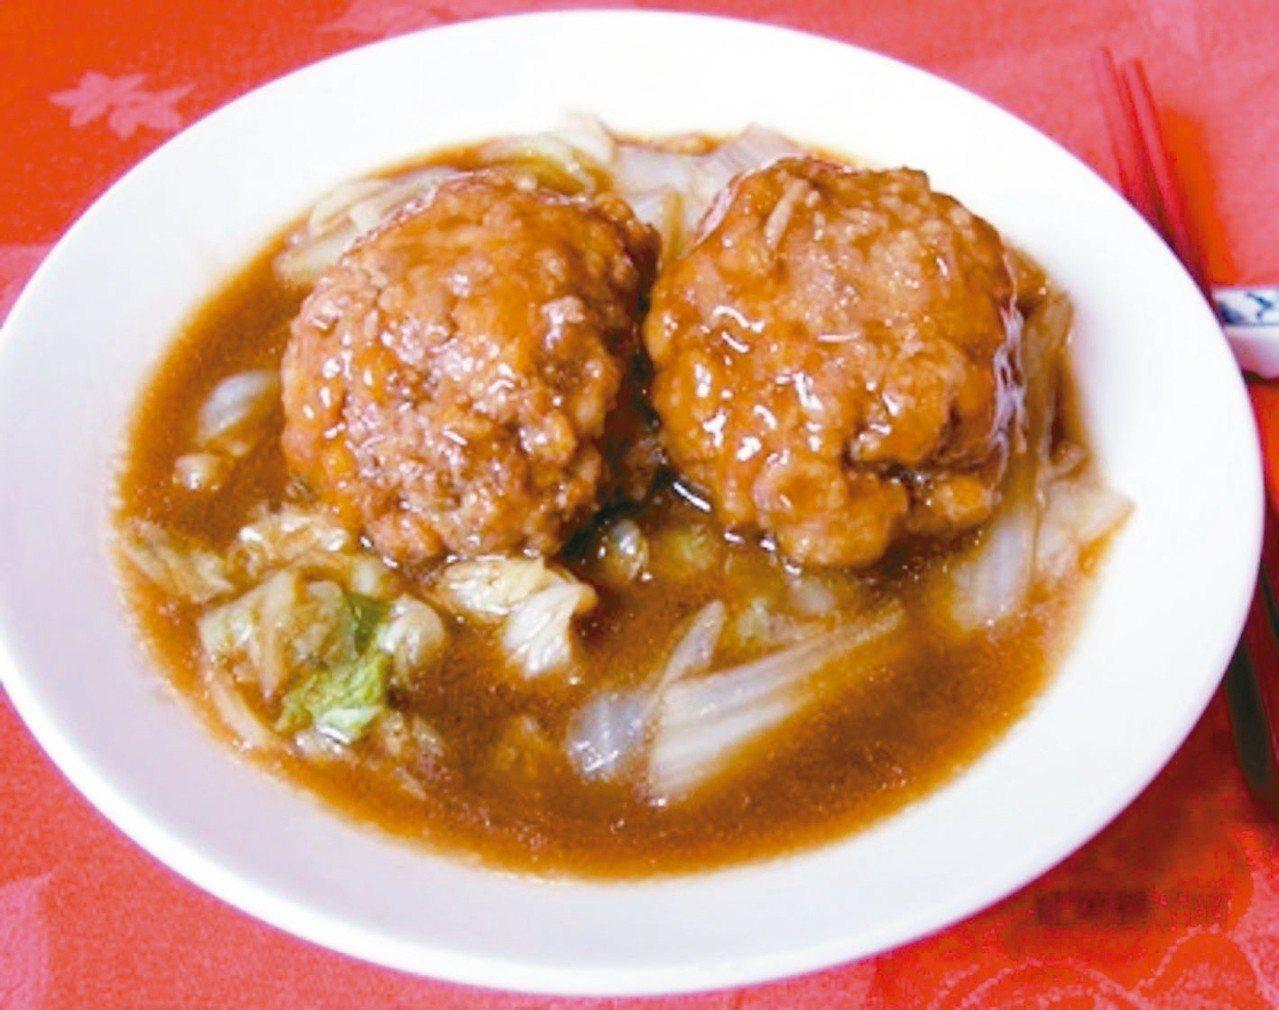 銀翼淮揚獅子頭(不含白菜),350元。 圖/遠百提供